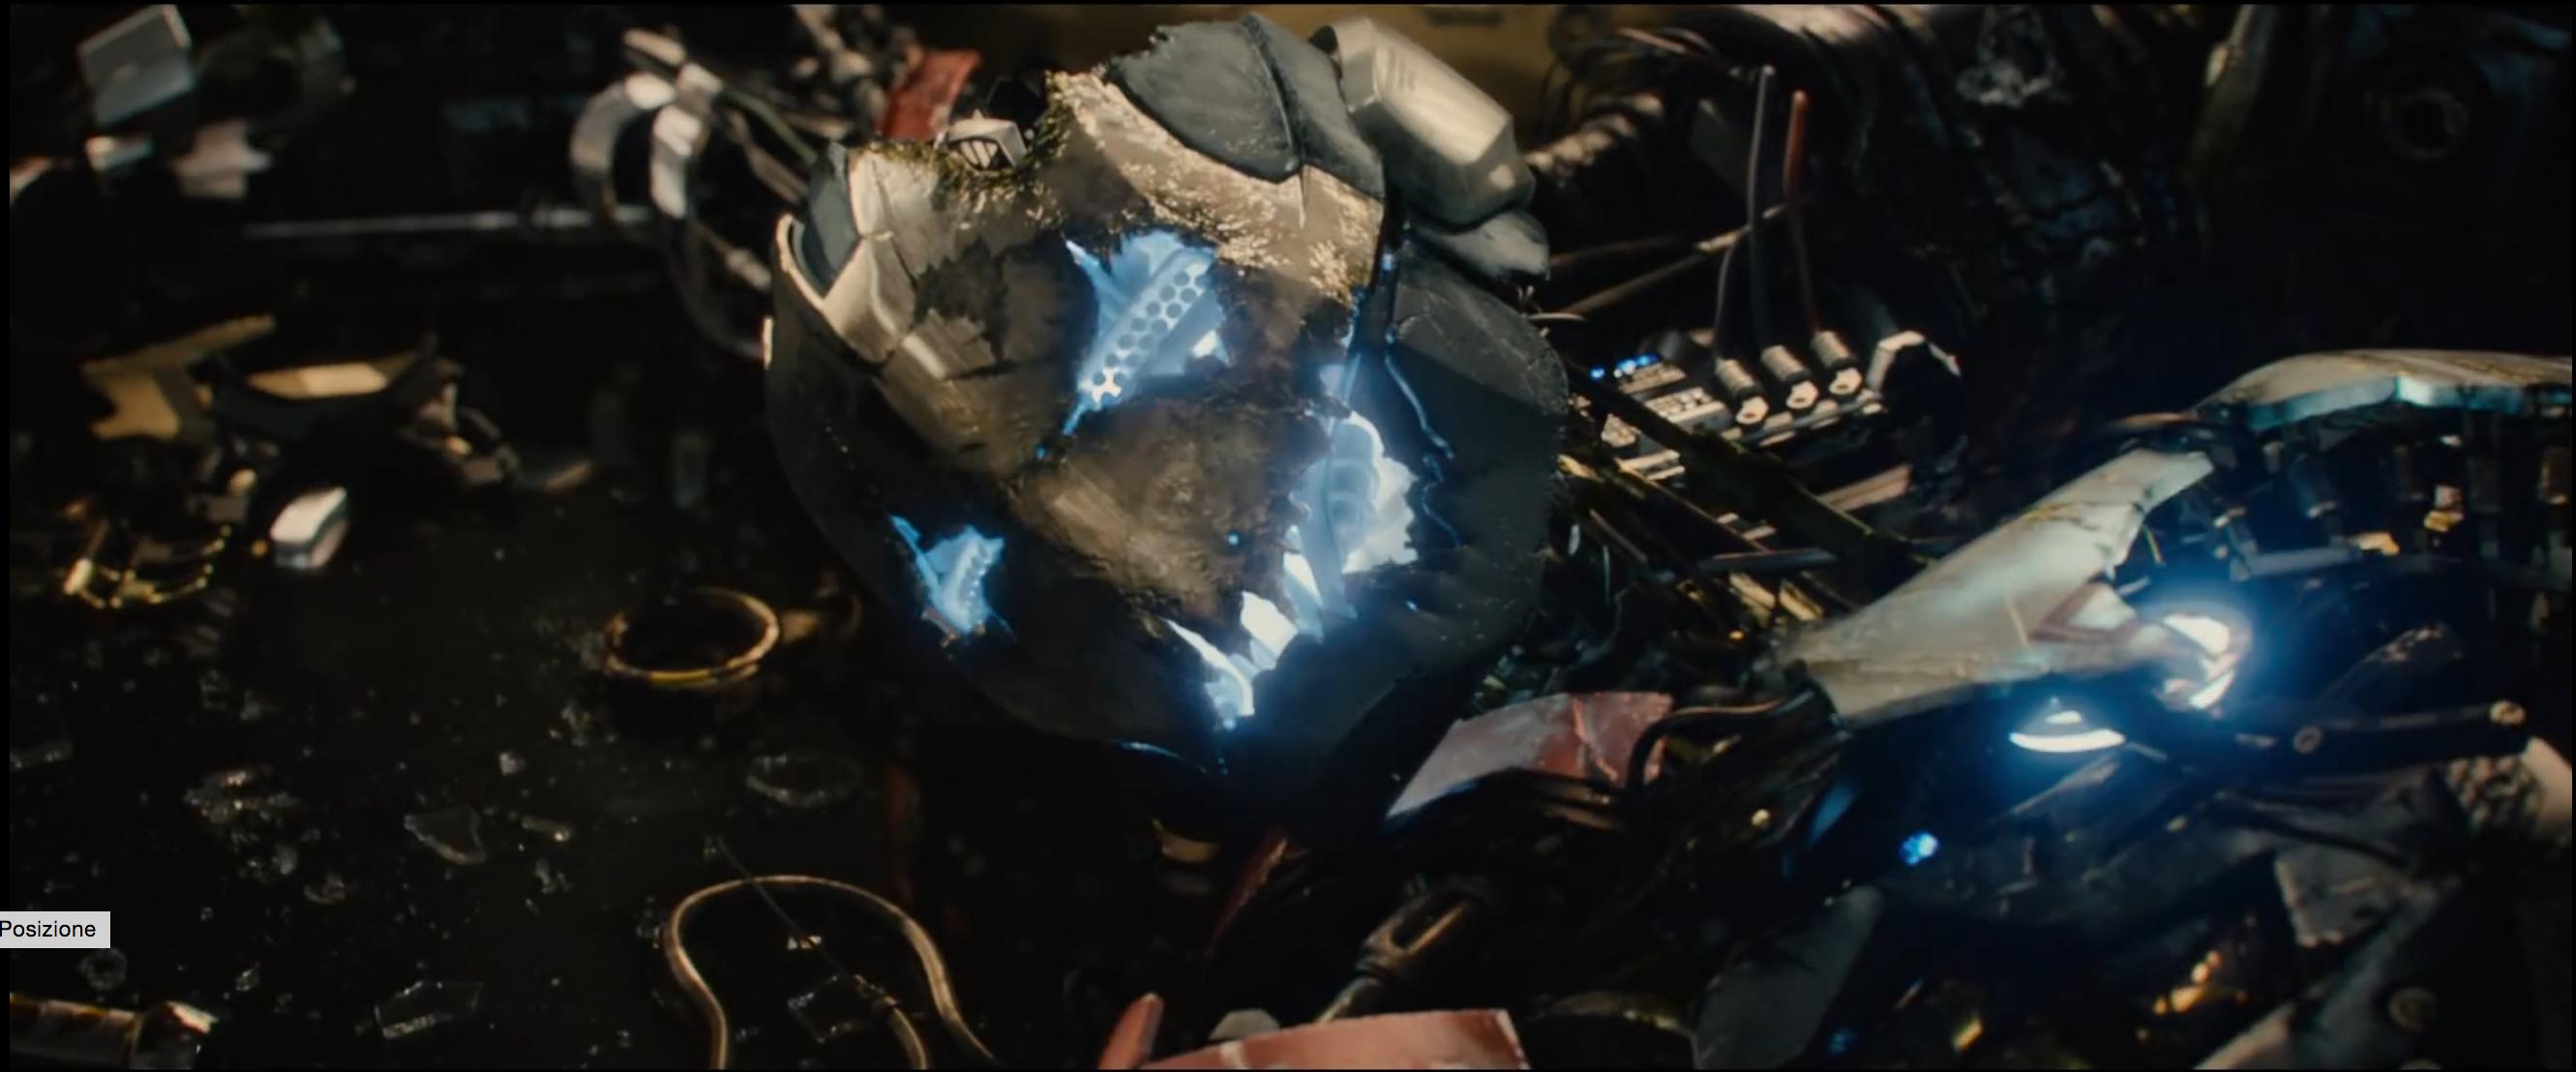 Avengers: Age of Ultron - un'immagine tratta dal trailer